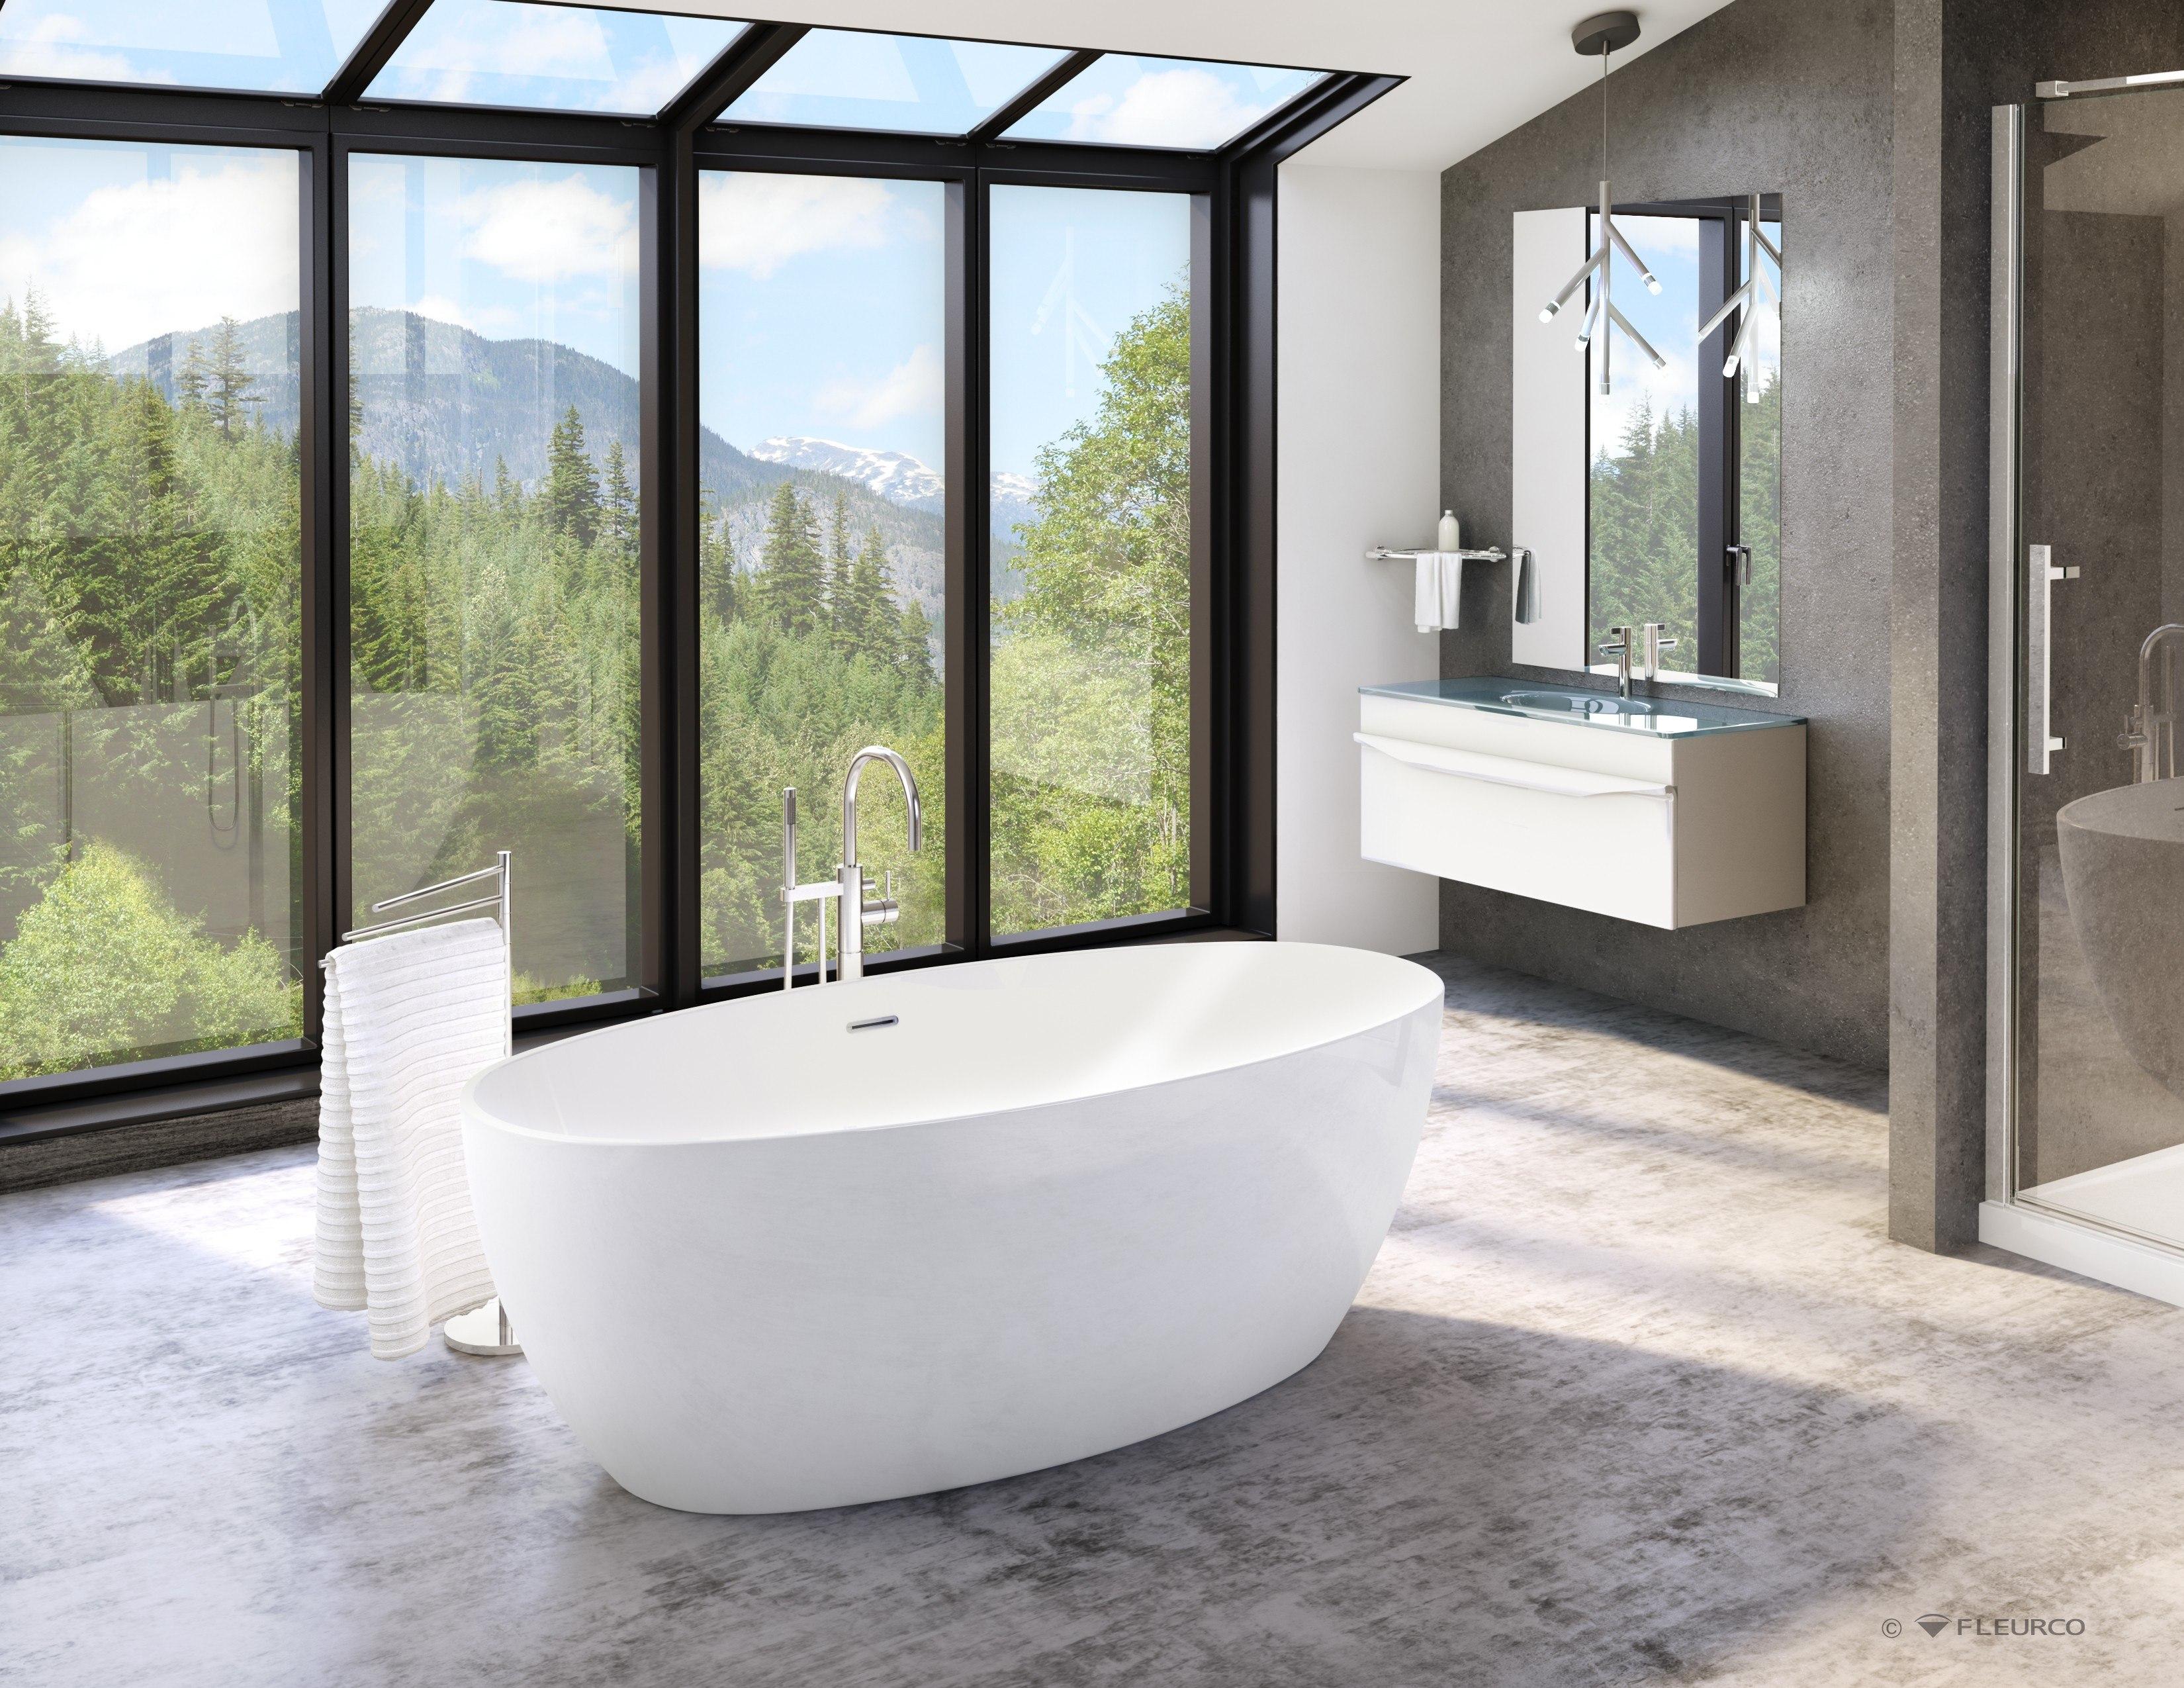 Fleurco, Fleurco Sale, Fleurco Coupon, Fleurco Bath, Fleurco Bath ...